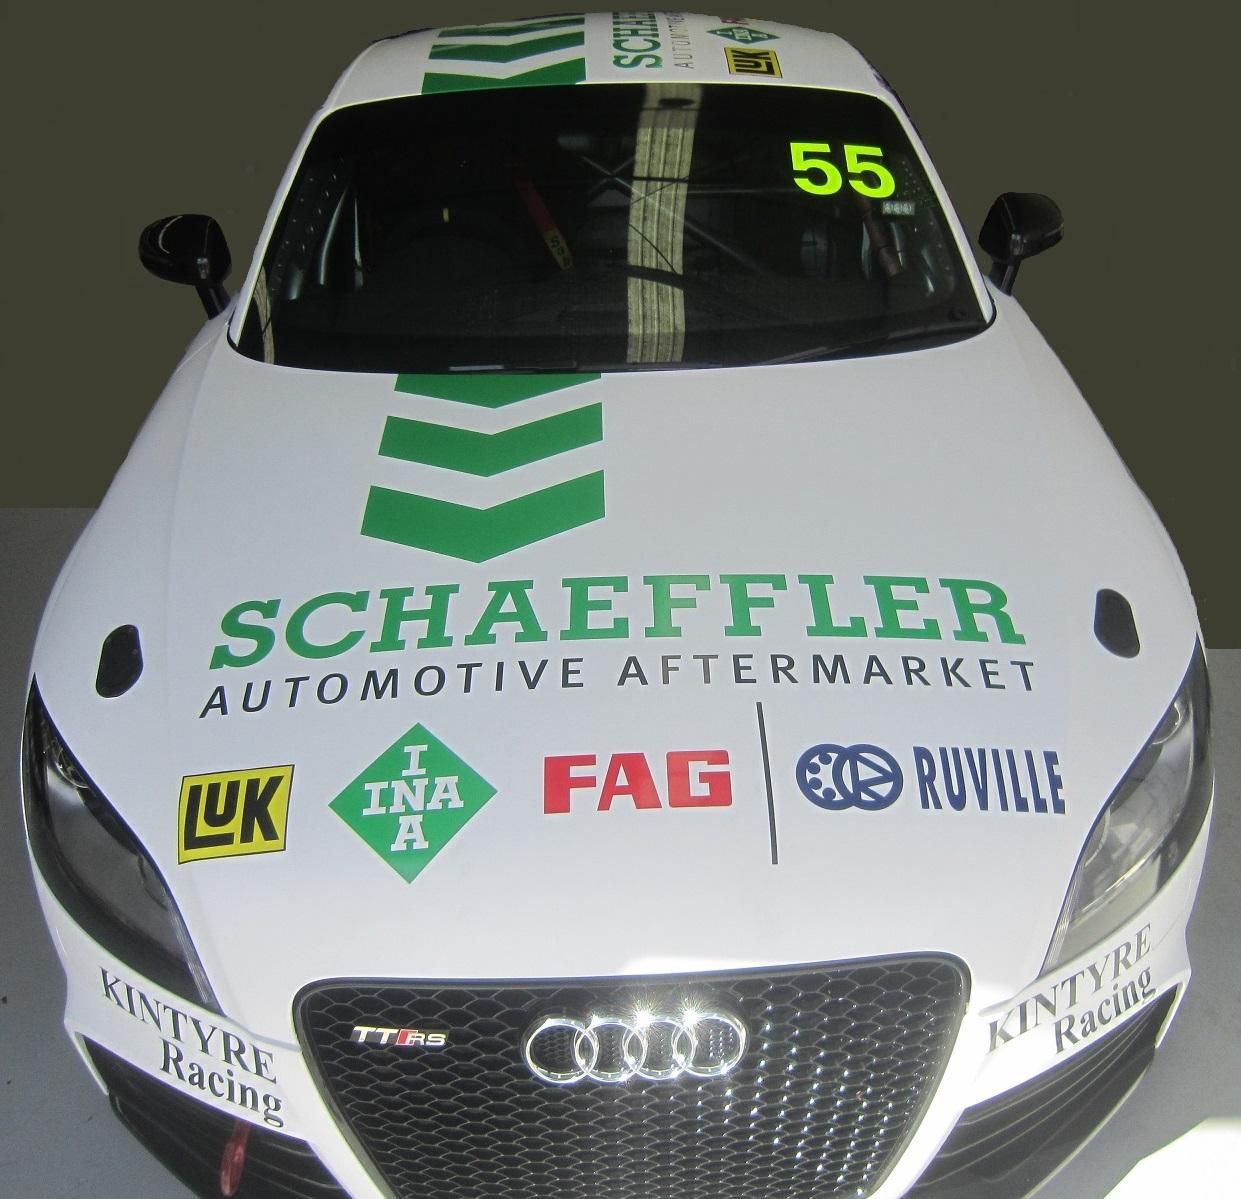 Schaeffler Upgrades Automotive Aftermarket Business to Autonomous Division